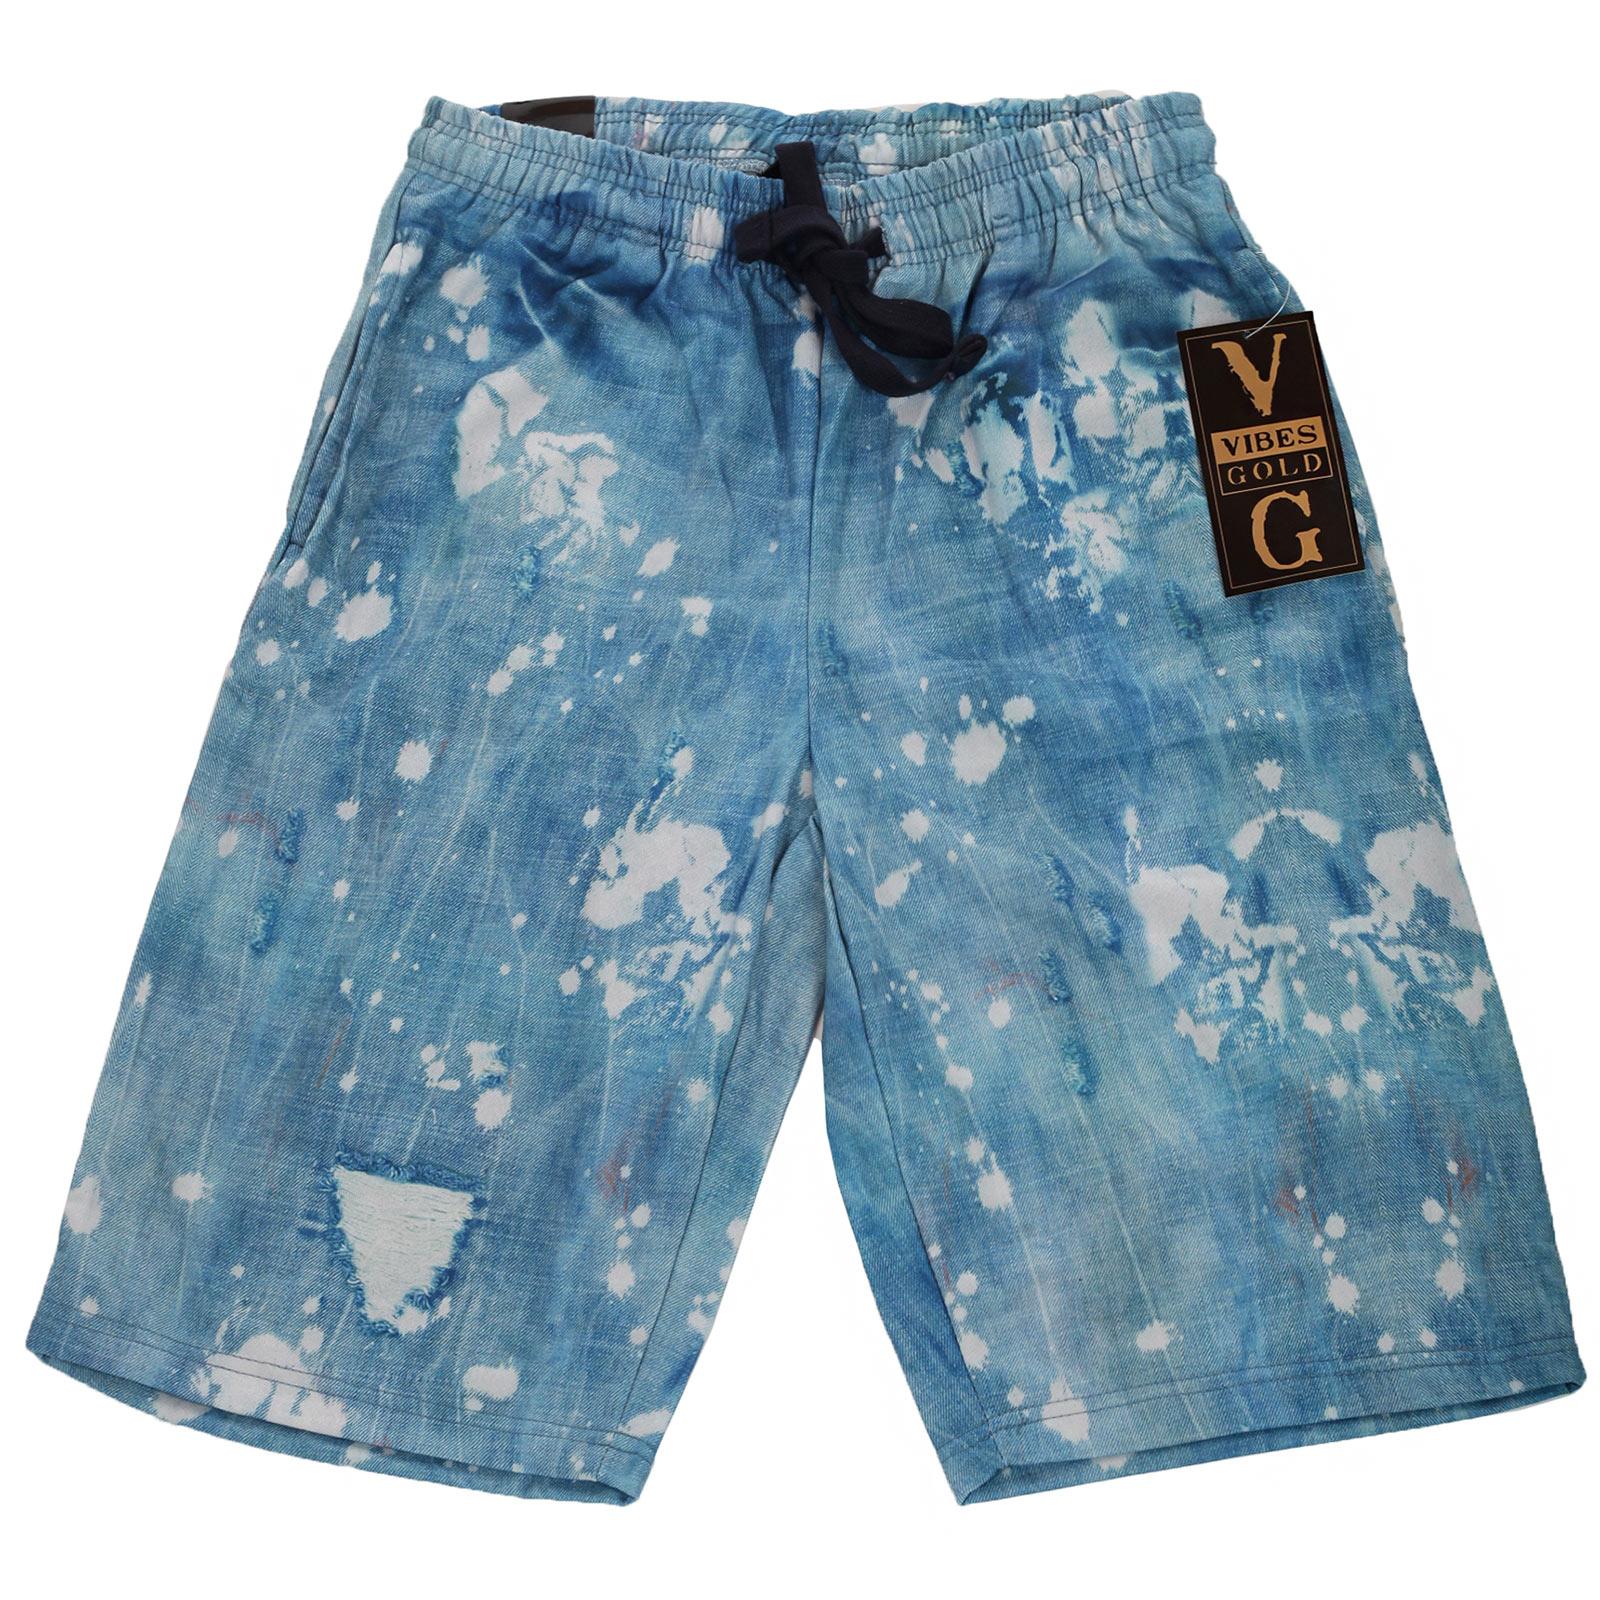 Мужские флисовые шорты до колен – ХИТ продаж от бренда Vibes Gold Jogger